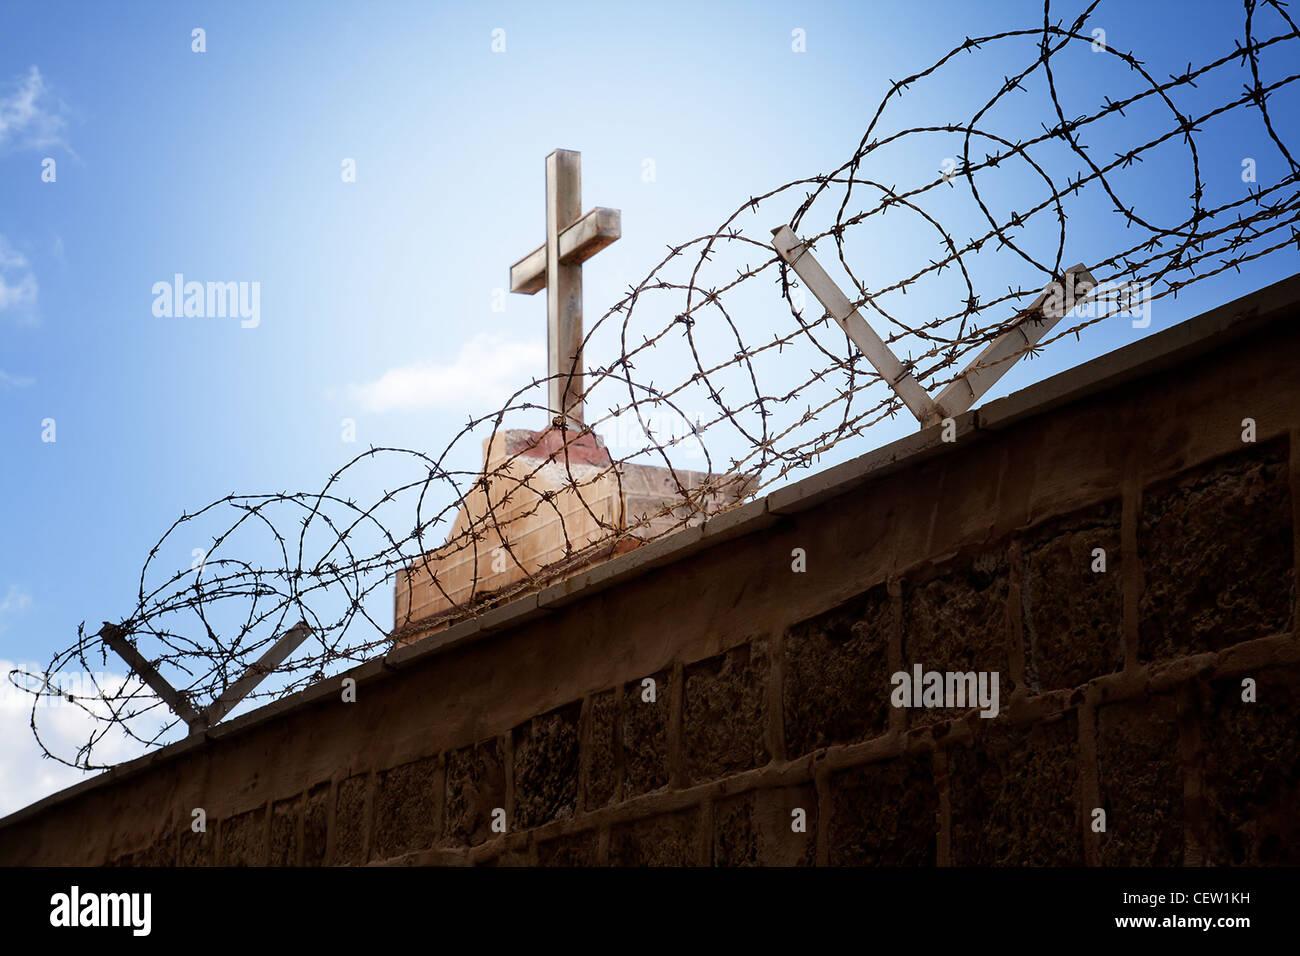 La guerra e la religione concetto - Croce e filo spinato oltre il cielo blu Immagini Stock